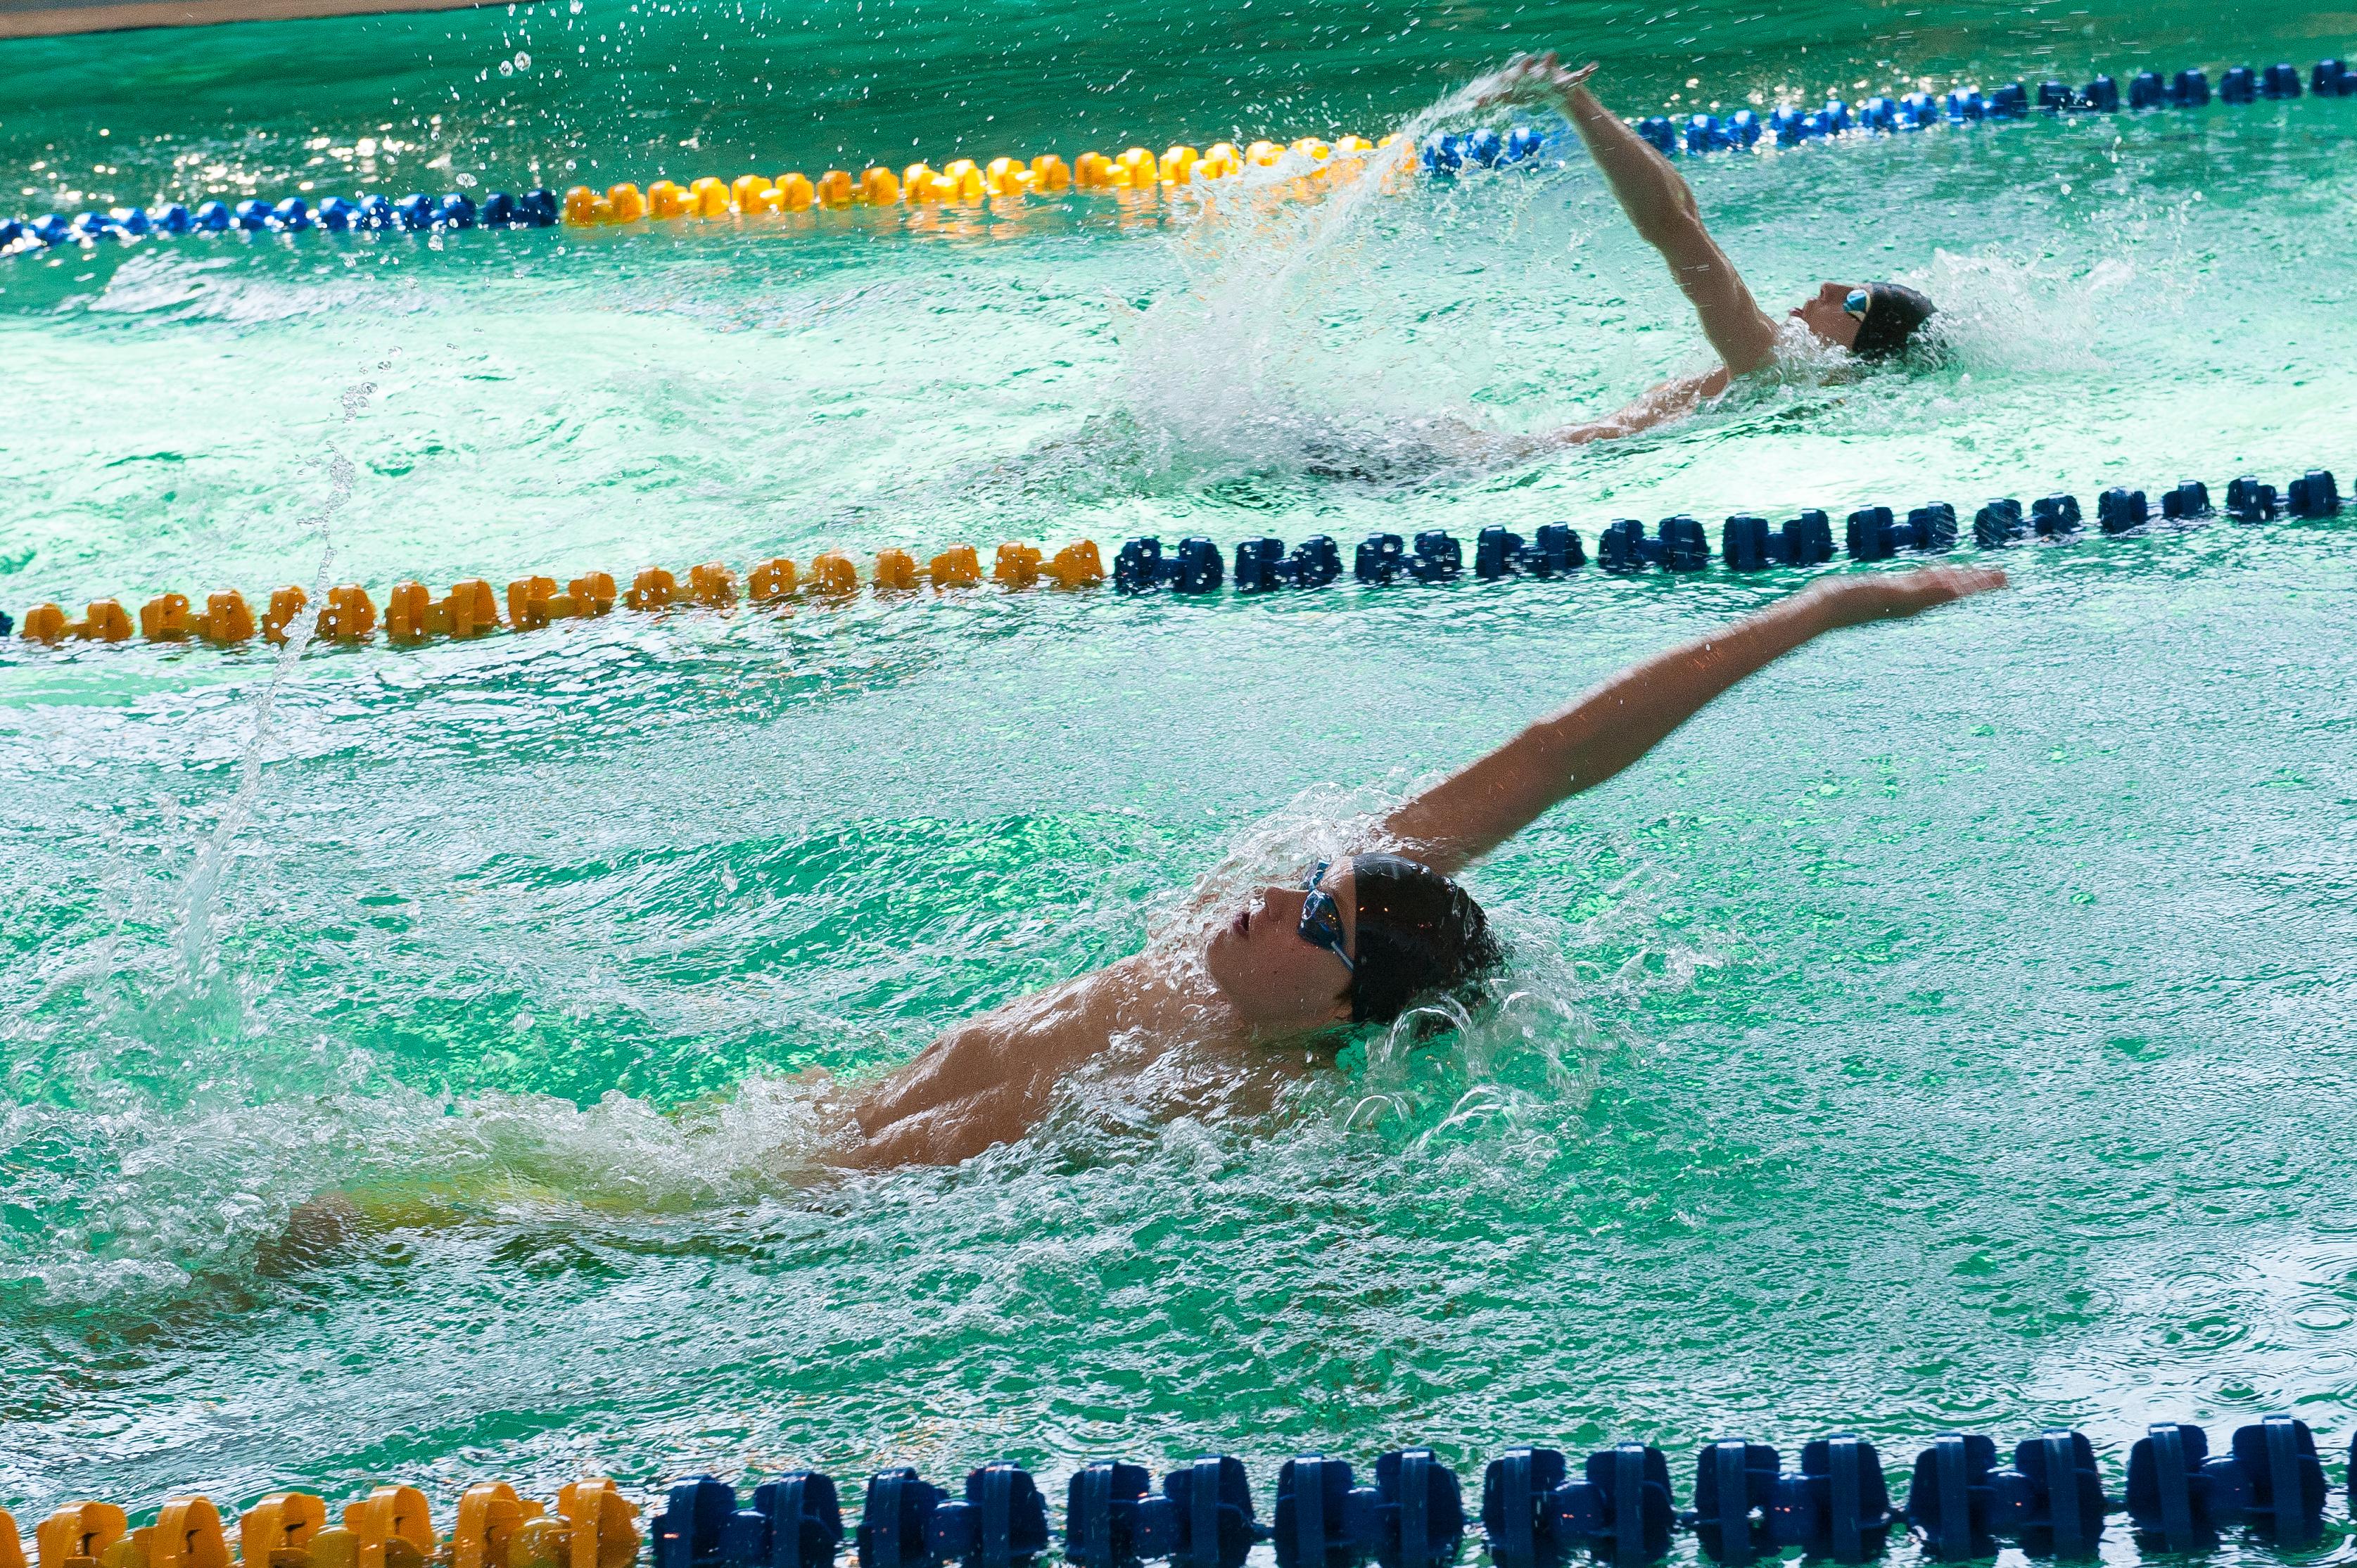 В Подмосковье завершились соревнования по плаванию на Кубок Евгения Рылова